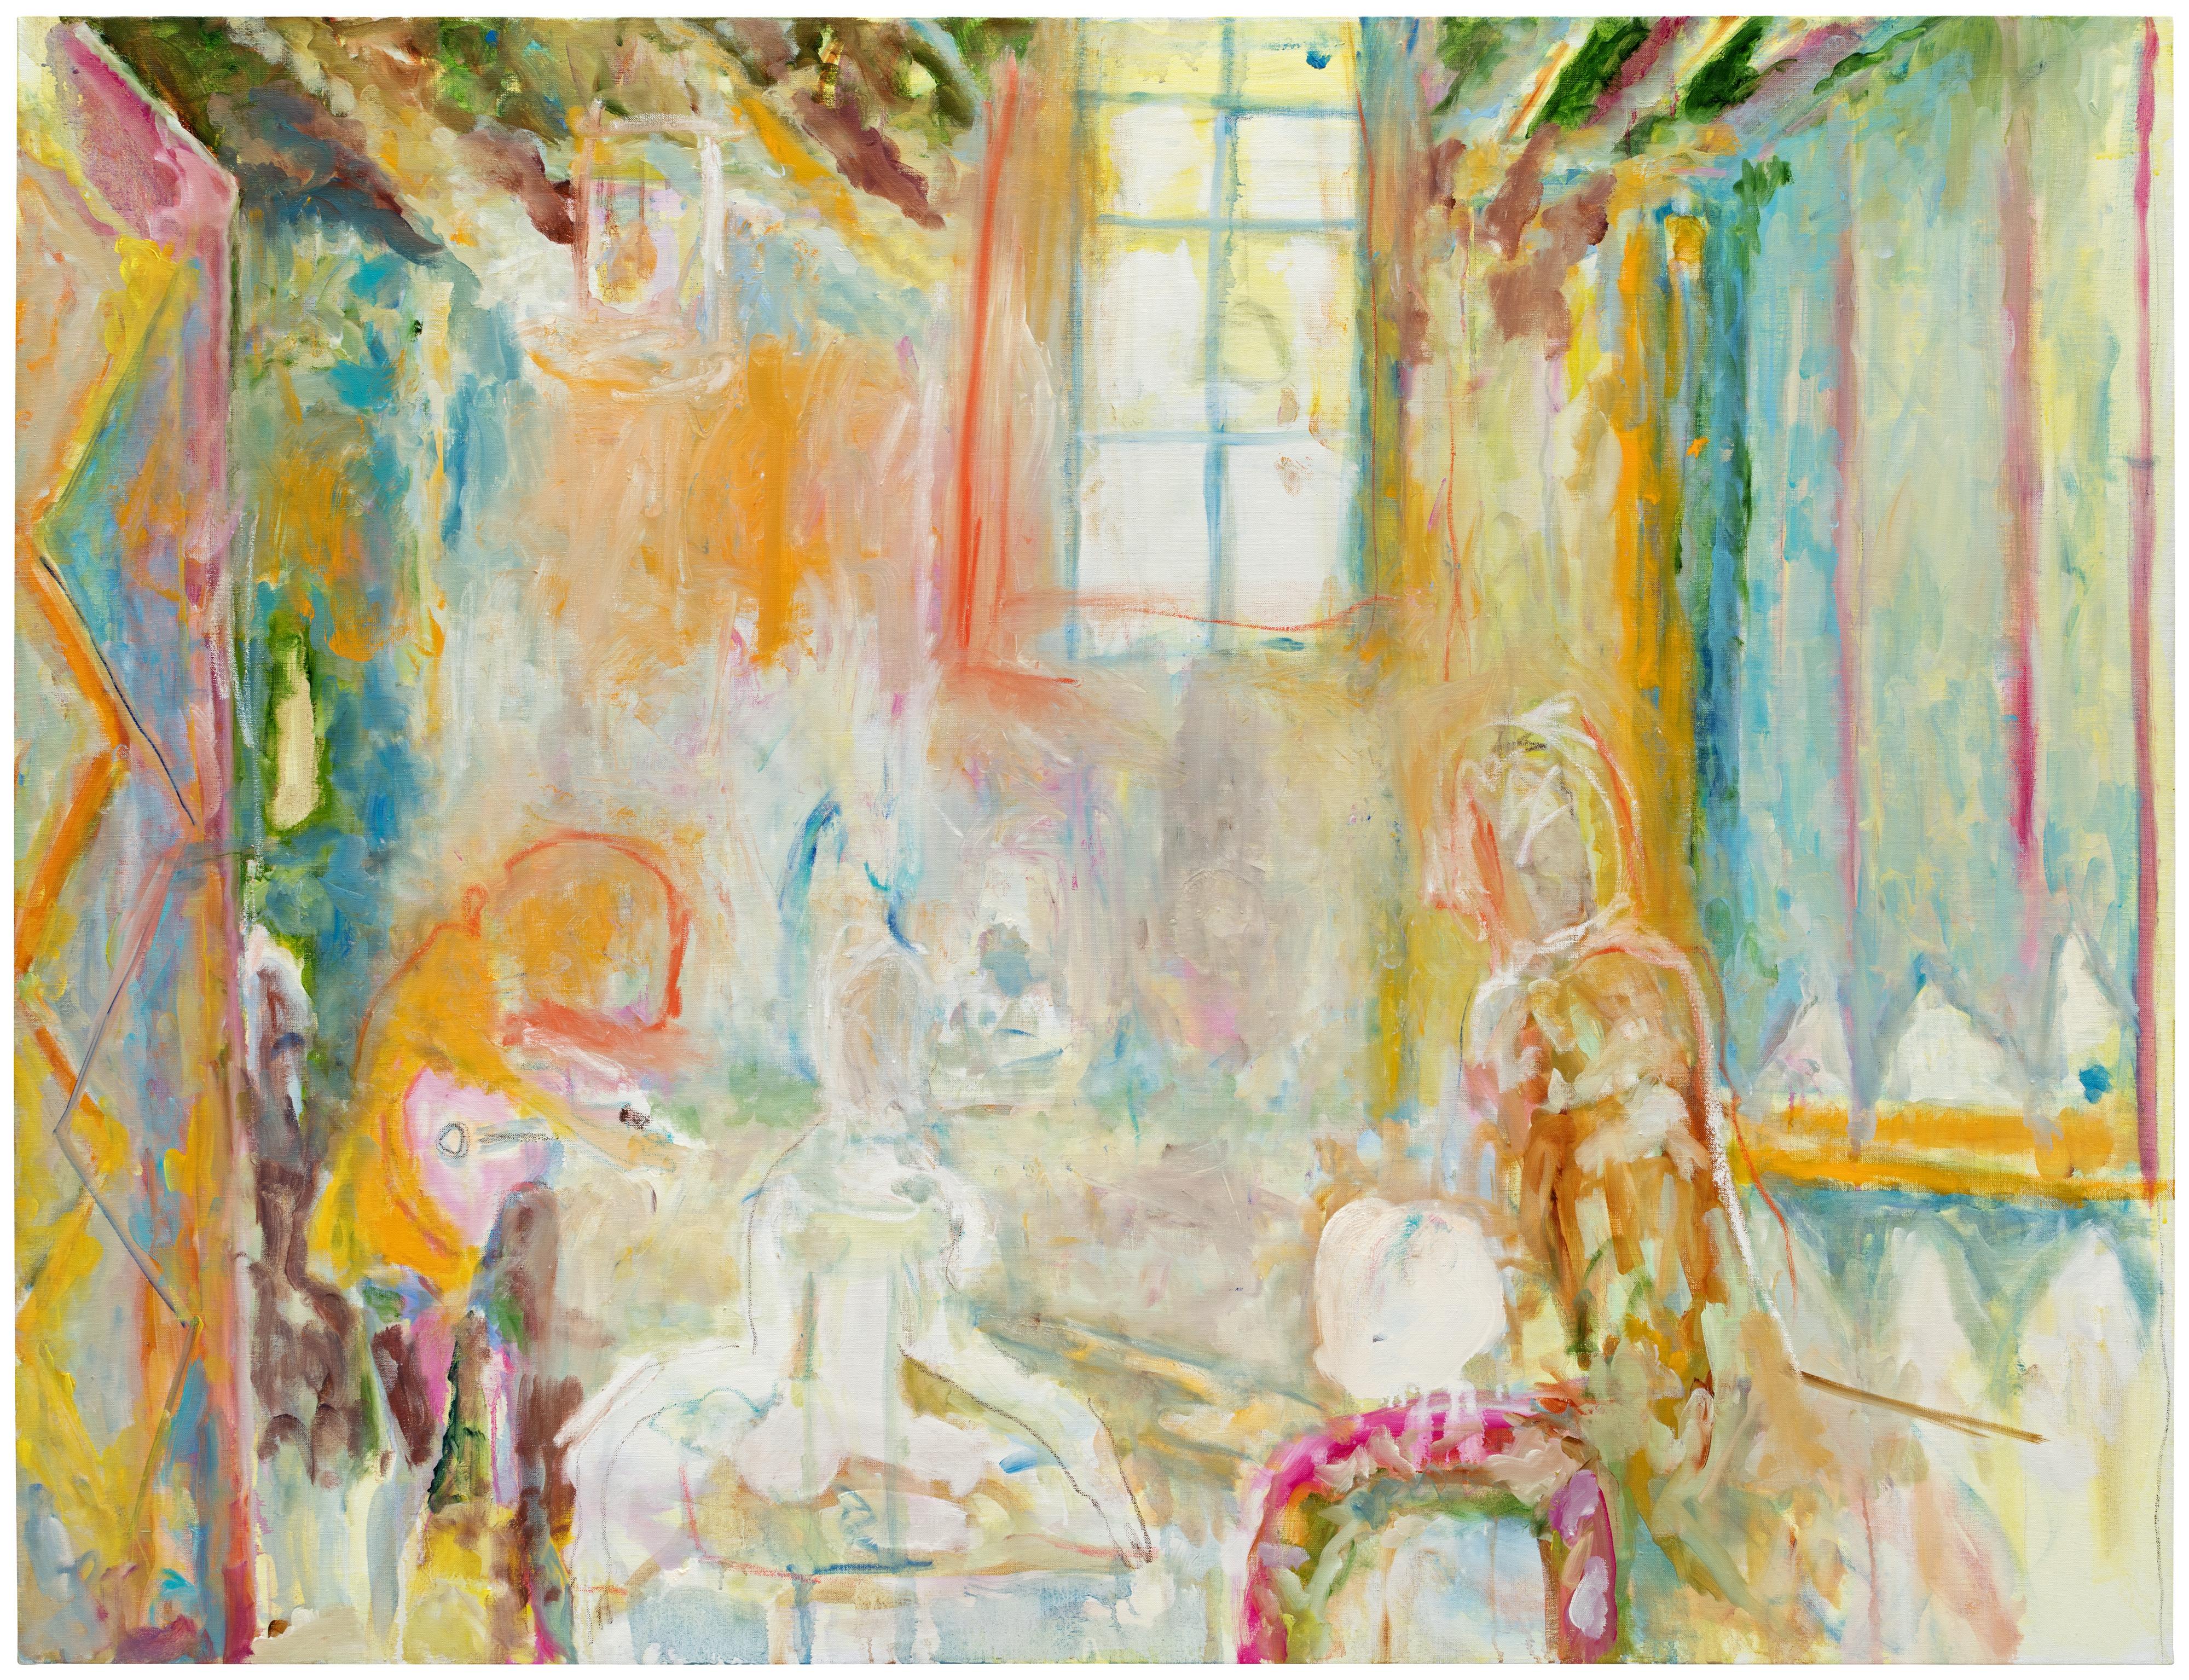 Galerie Barbara Thumm \ Valérie Favre: Am Tisch (VFa-18-009) \ Am Tisch (2018)